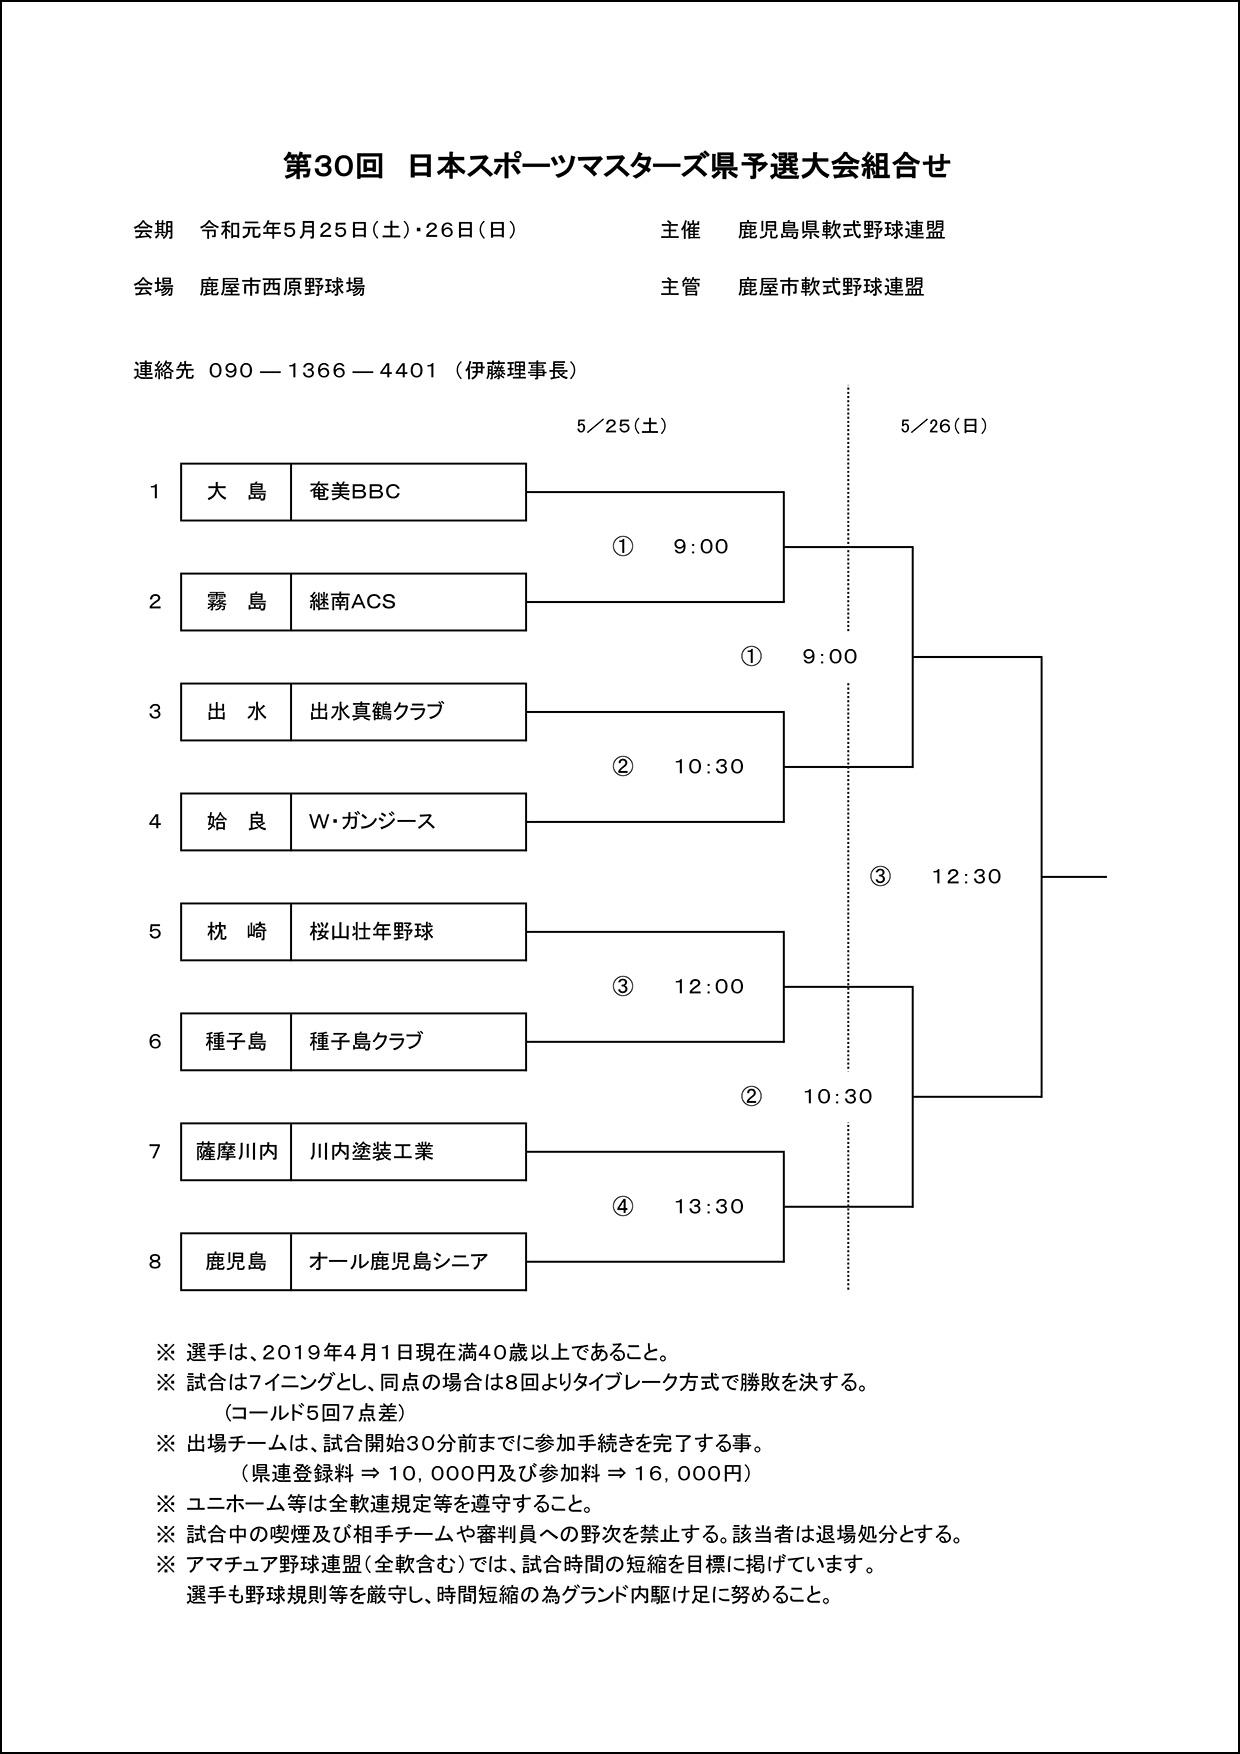 【組合せ】第30回日本スポーツマスターズ